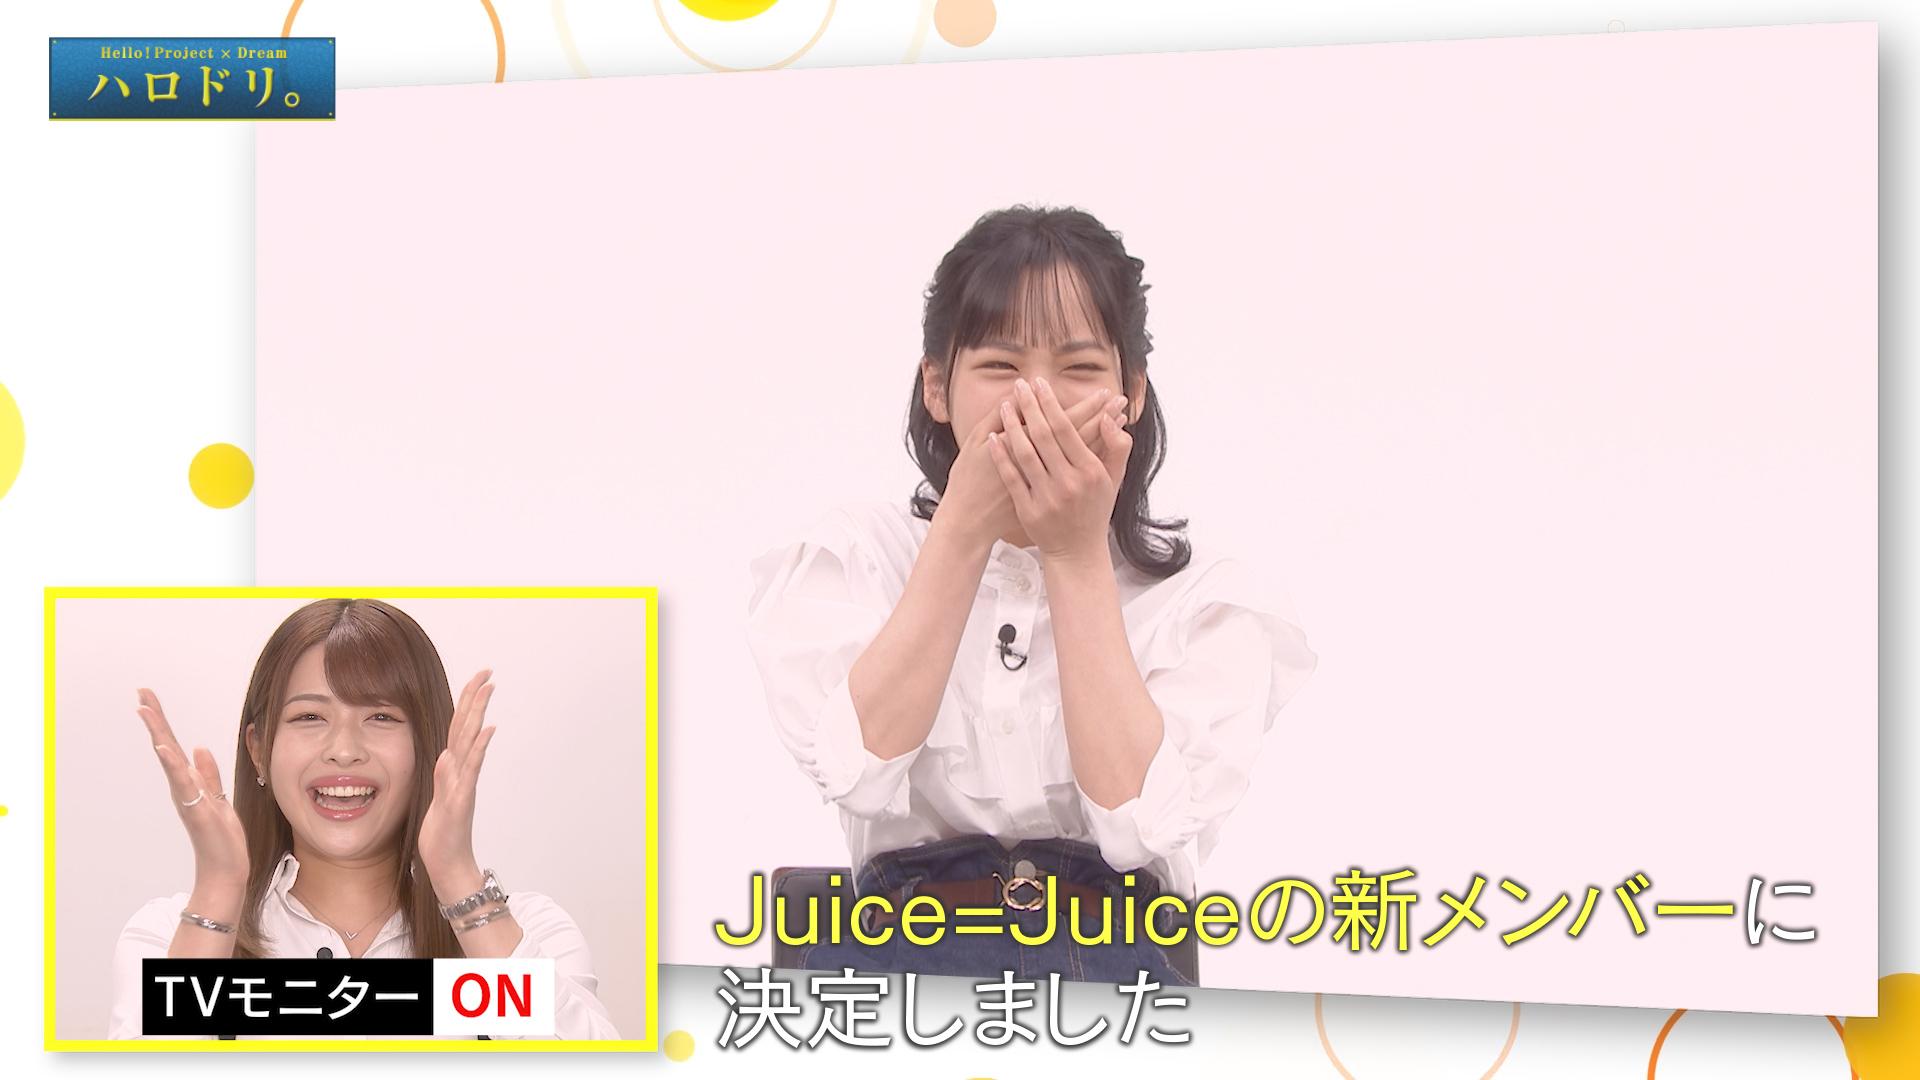 ついに決定! Juice=Juice新メンバー発表の舞台裏